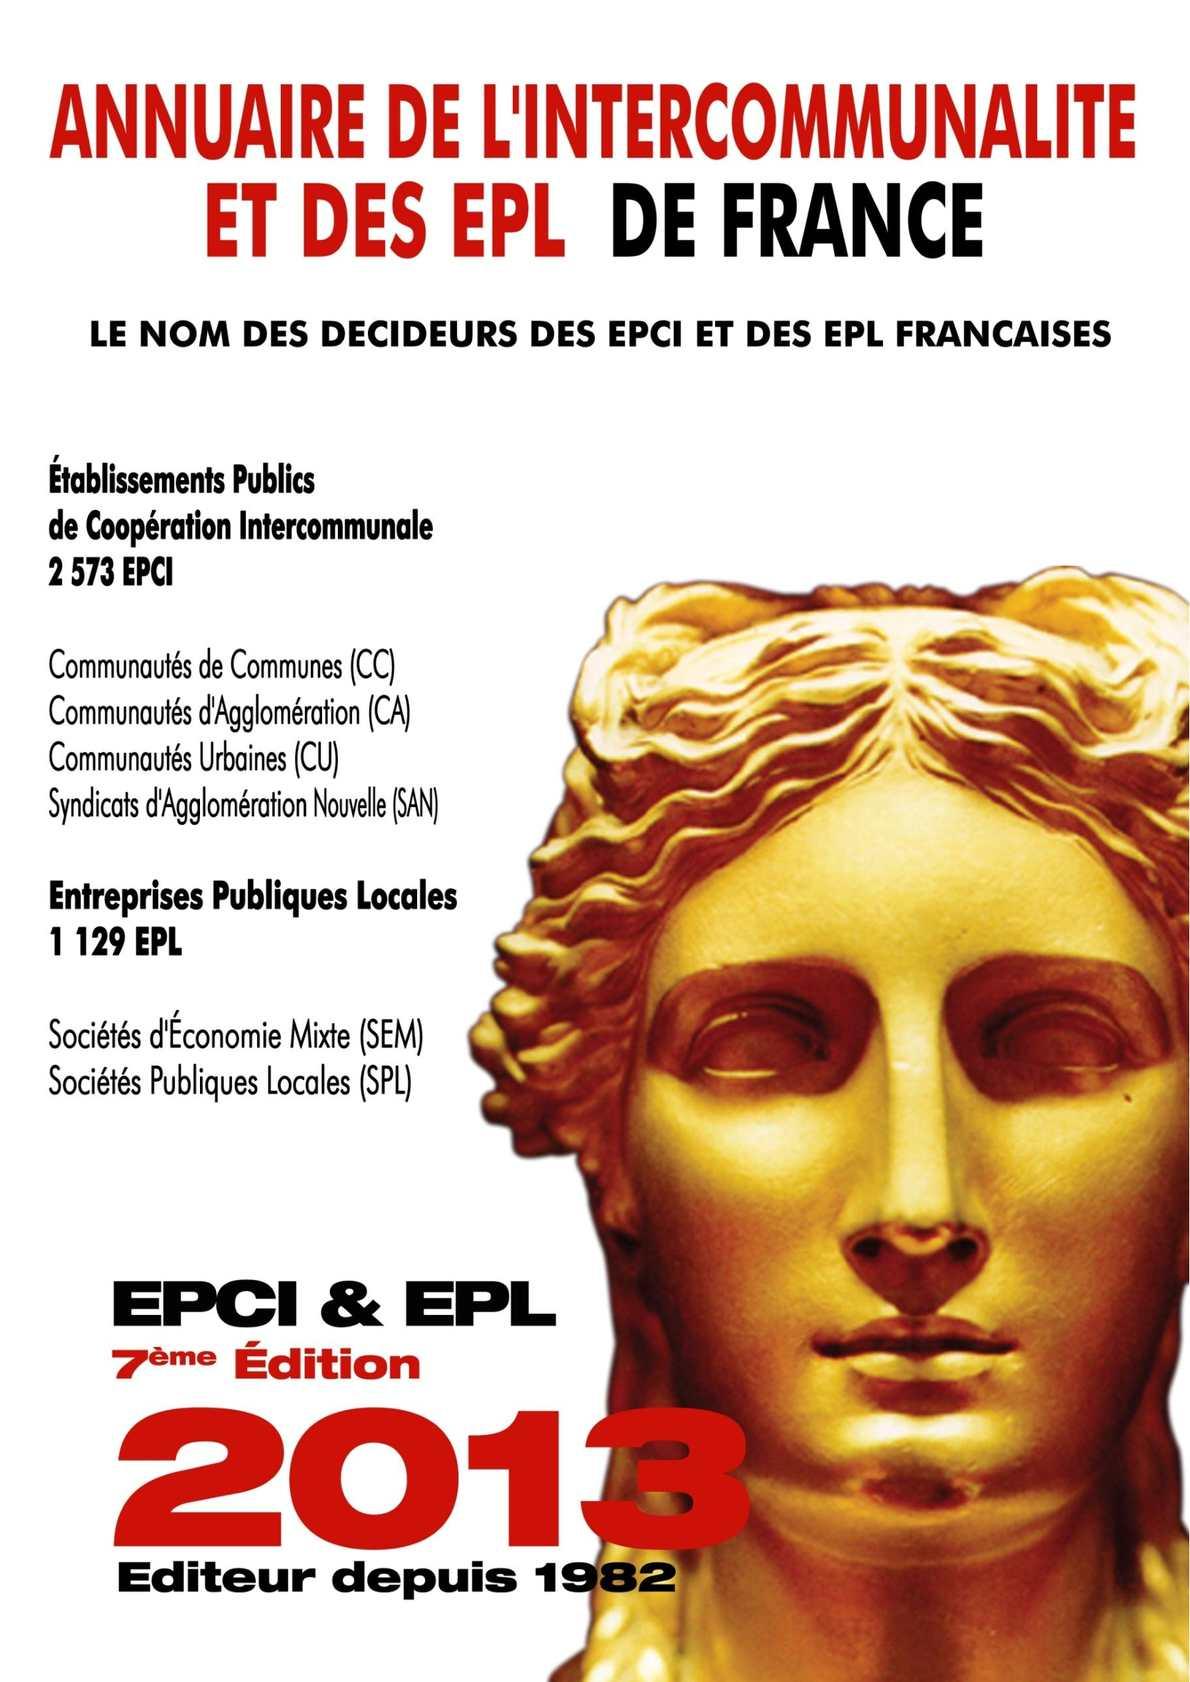 Michel Courvallet La Barre En Ouche dedans calaméo - annuaire de l'intercommunalité et des epl 2013